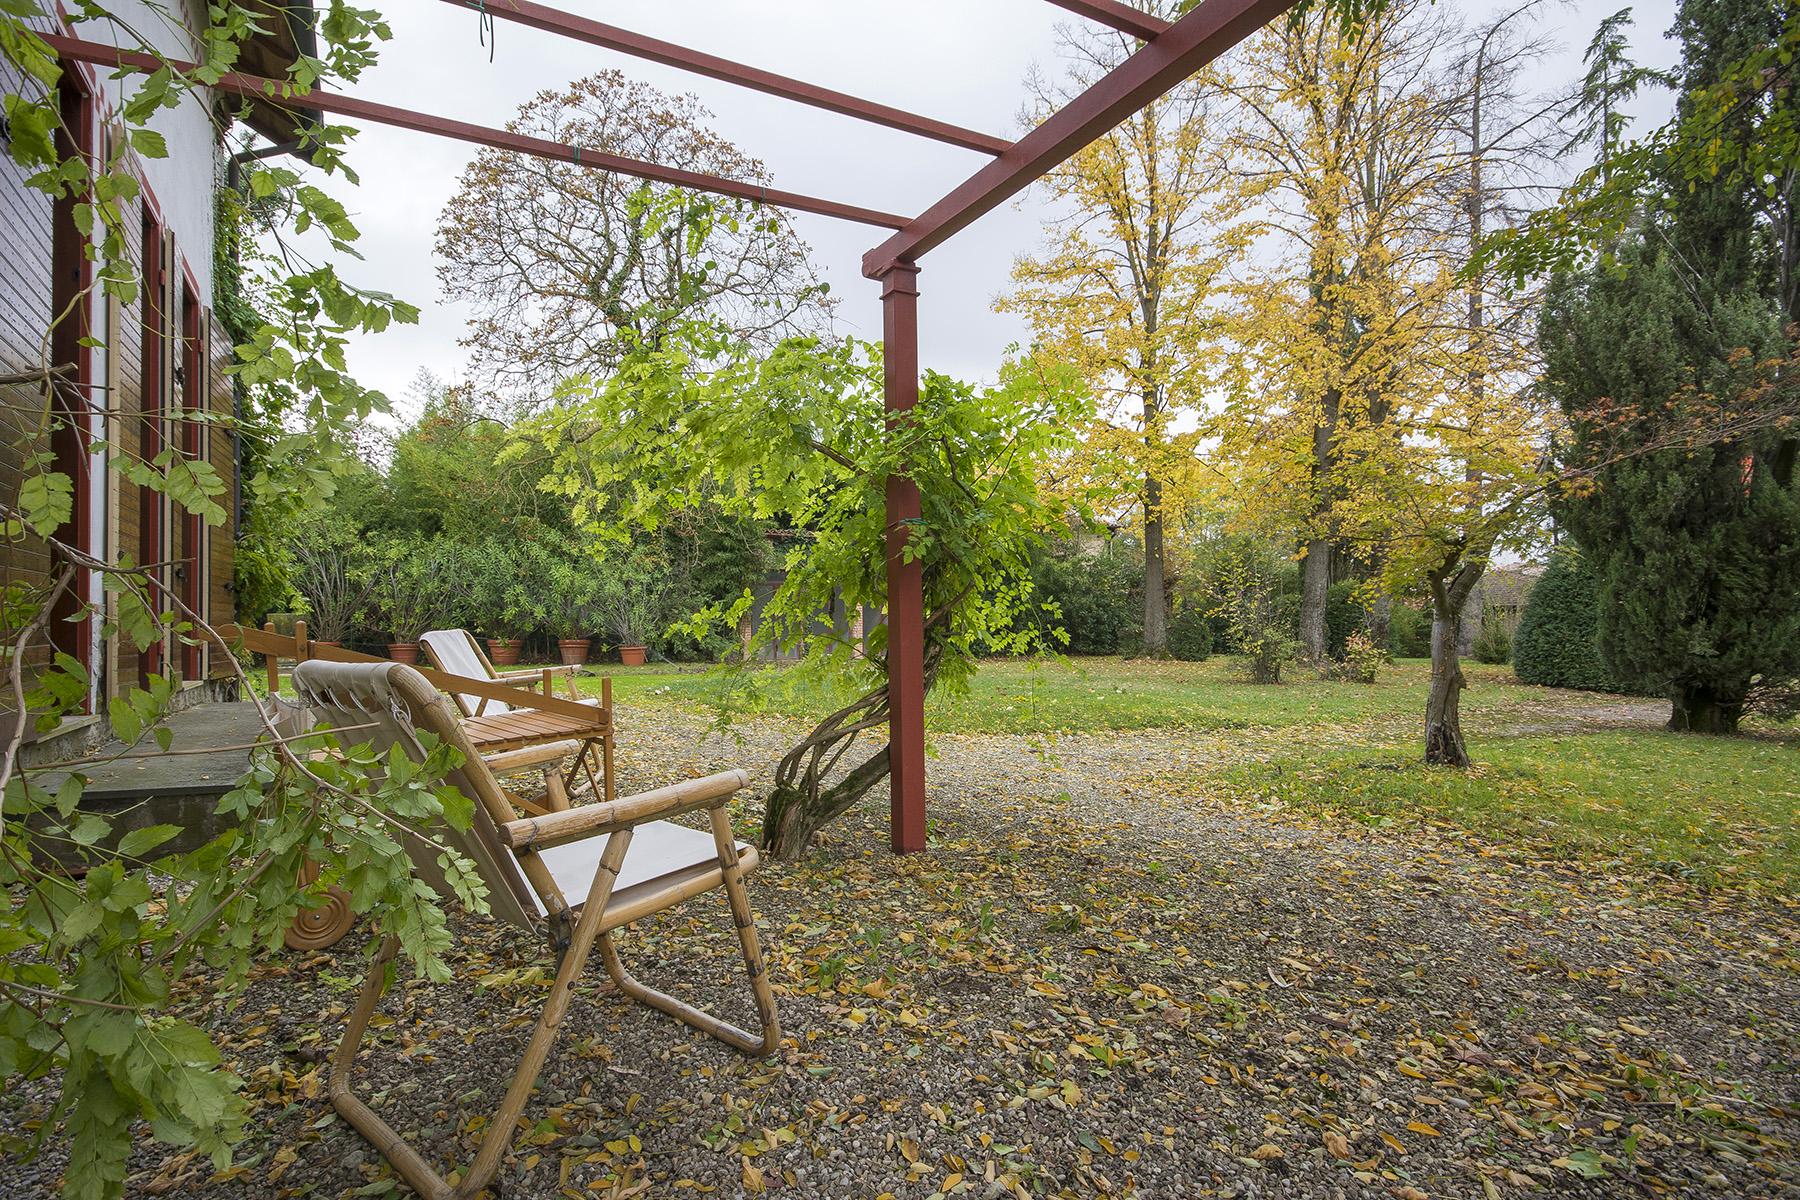 Casa indipendente in Vendita a Traversetolo: 5 locali, 350 mq - Foto 13